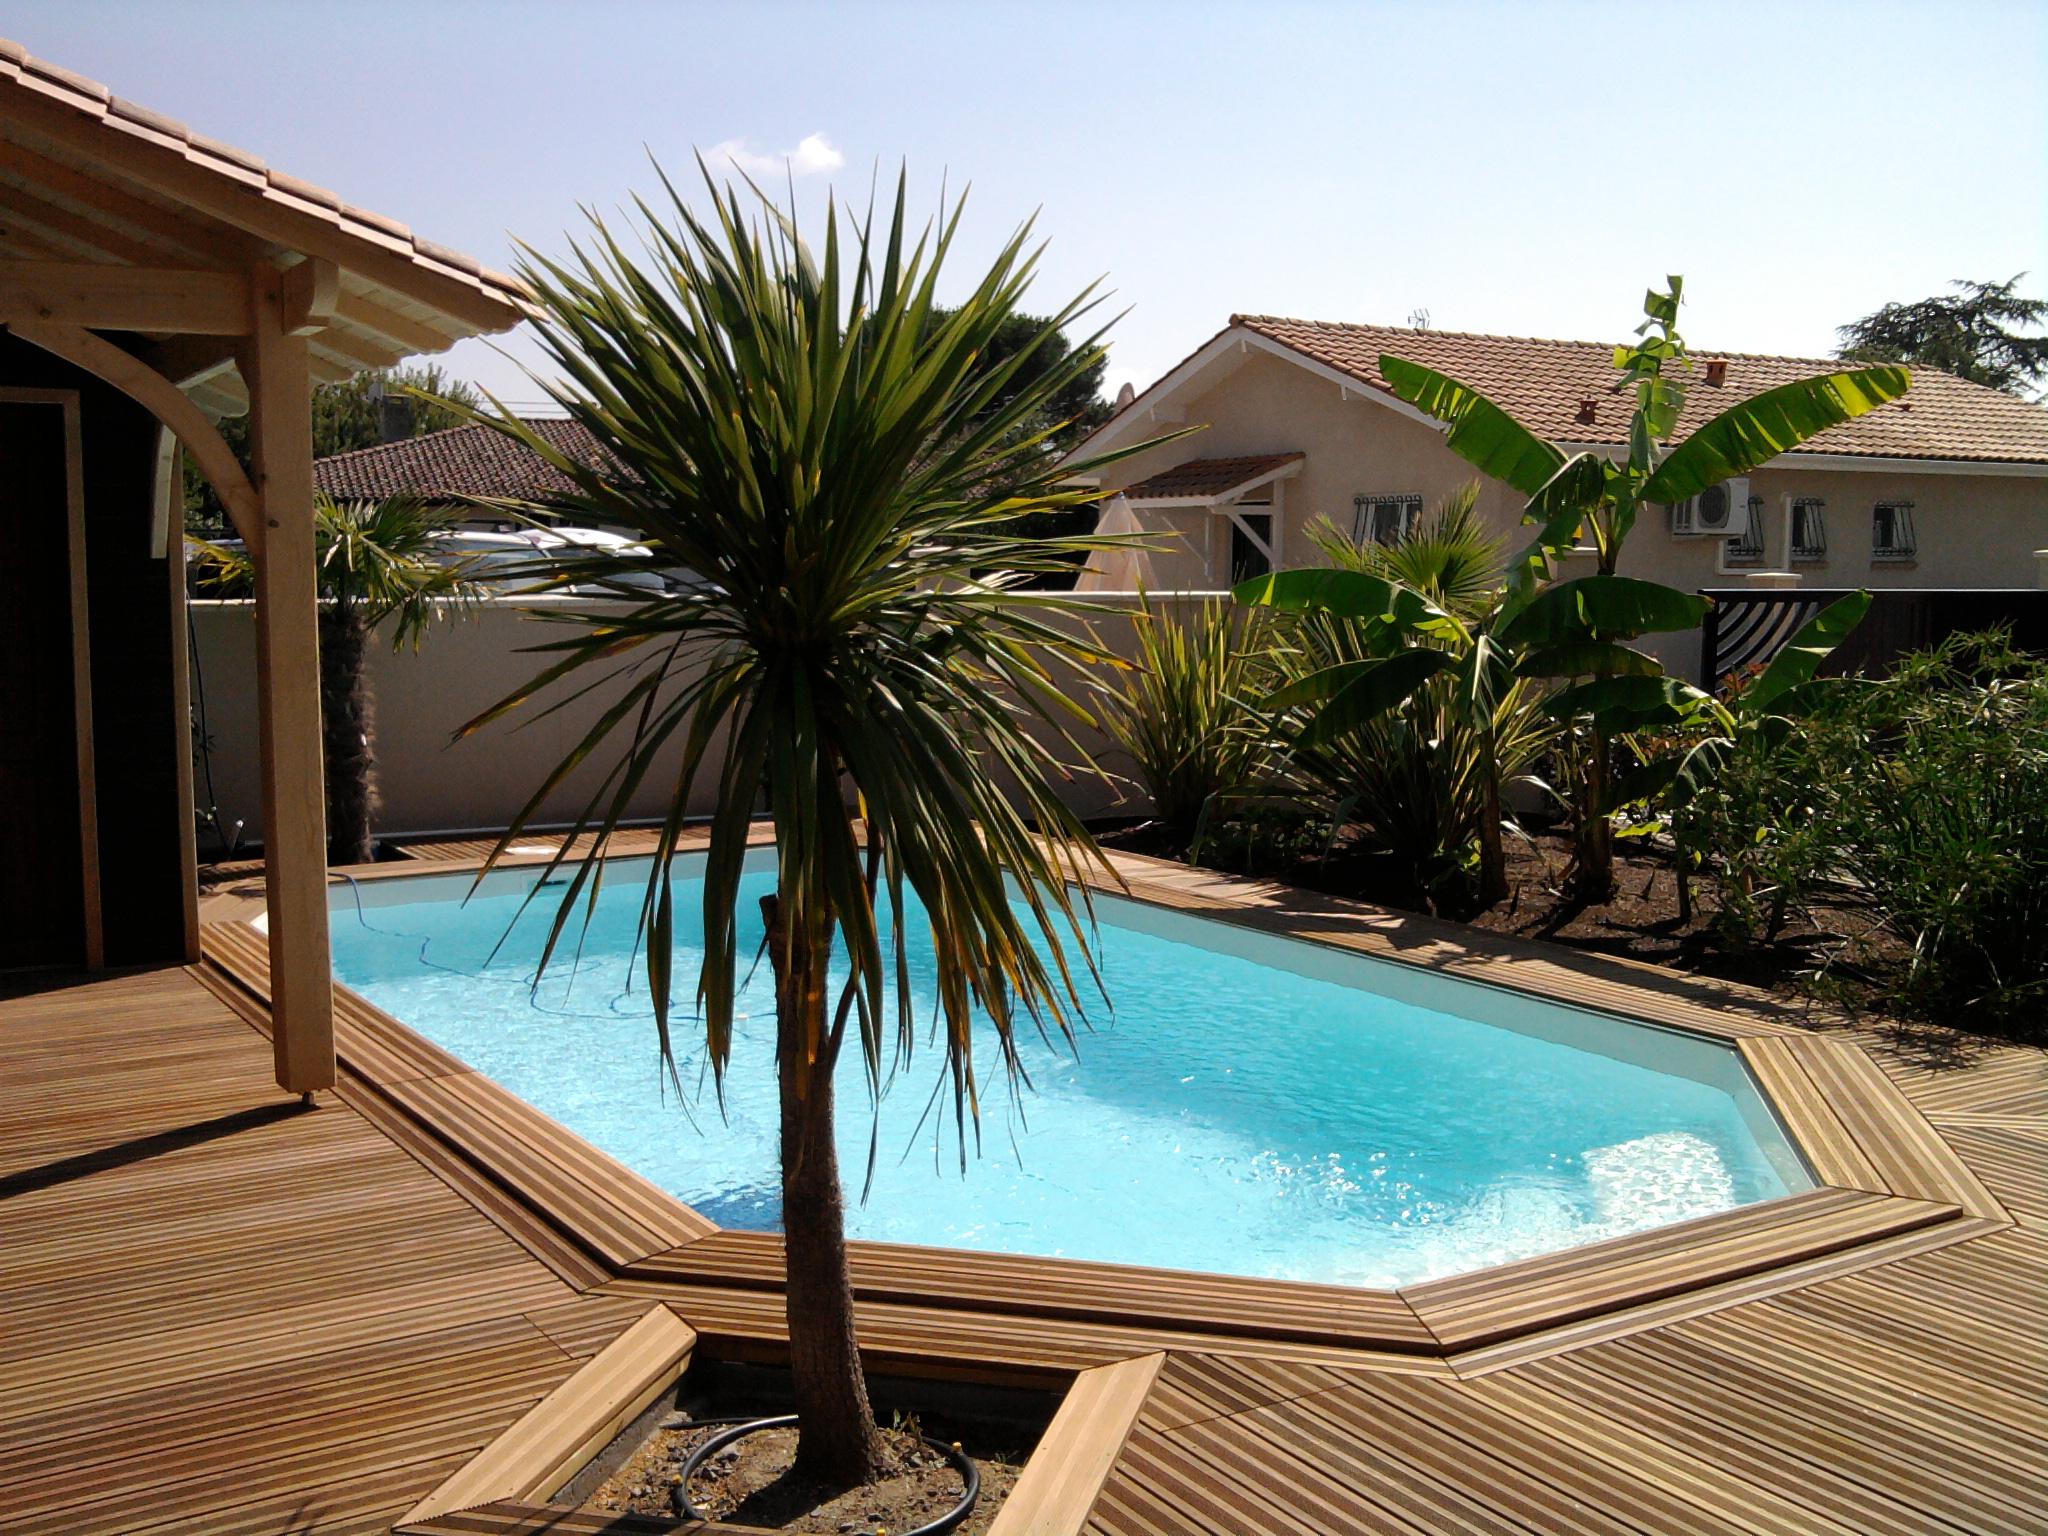 lauper-piscine2.jpg